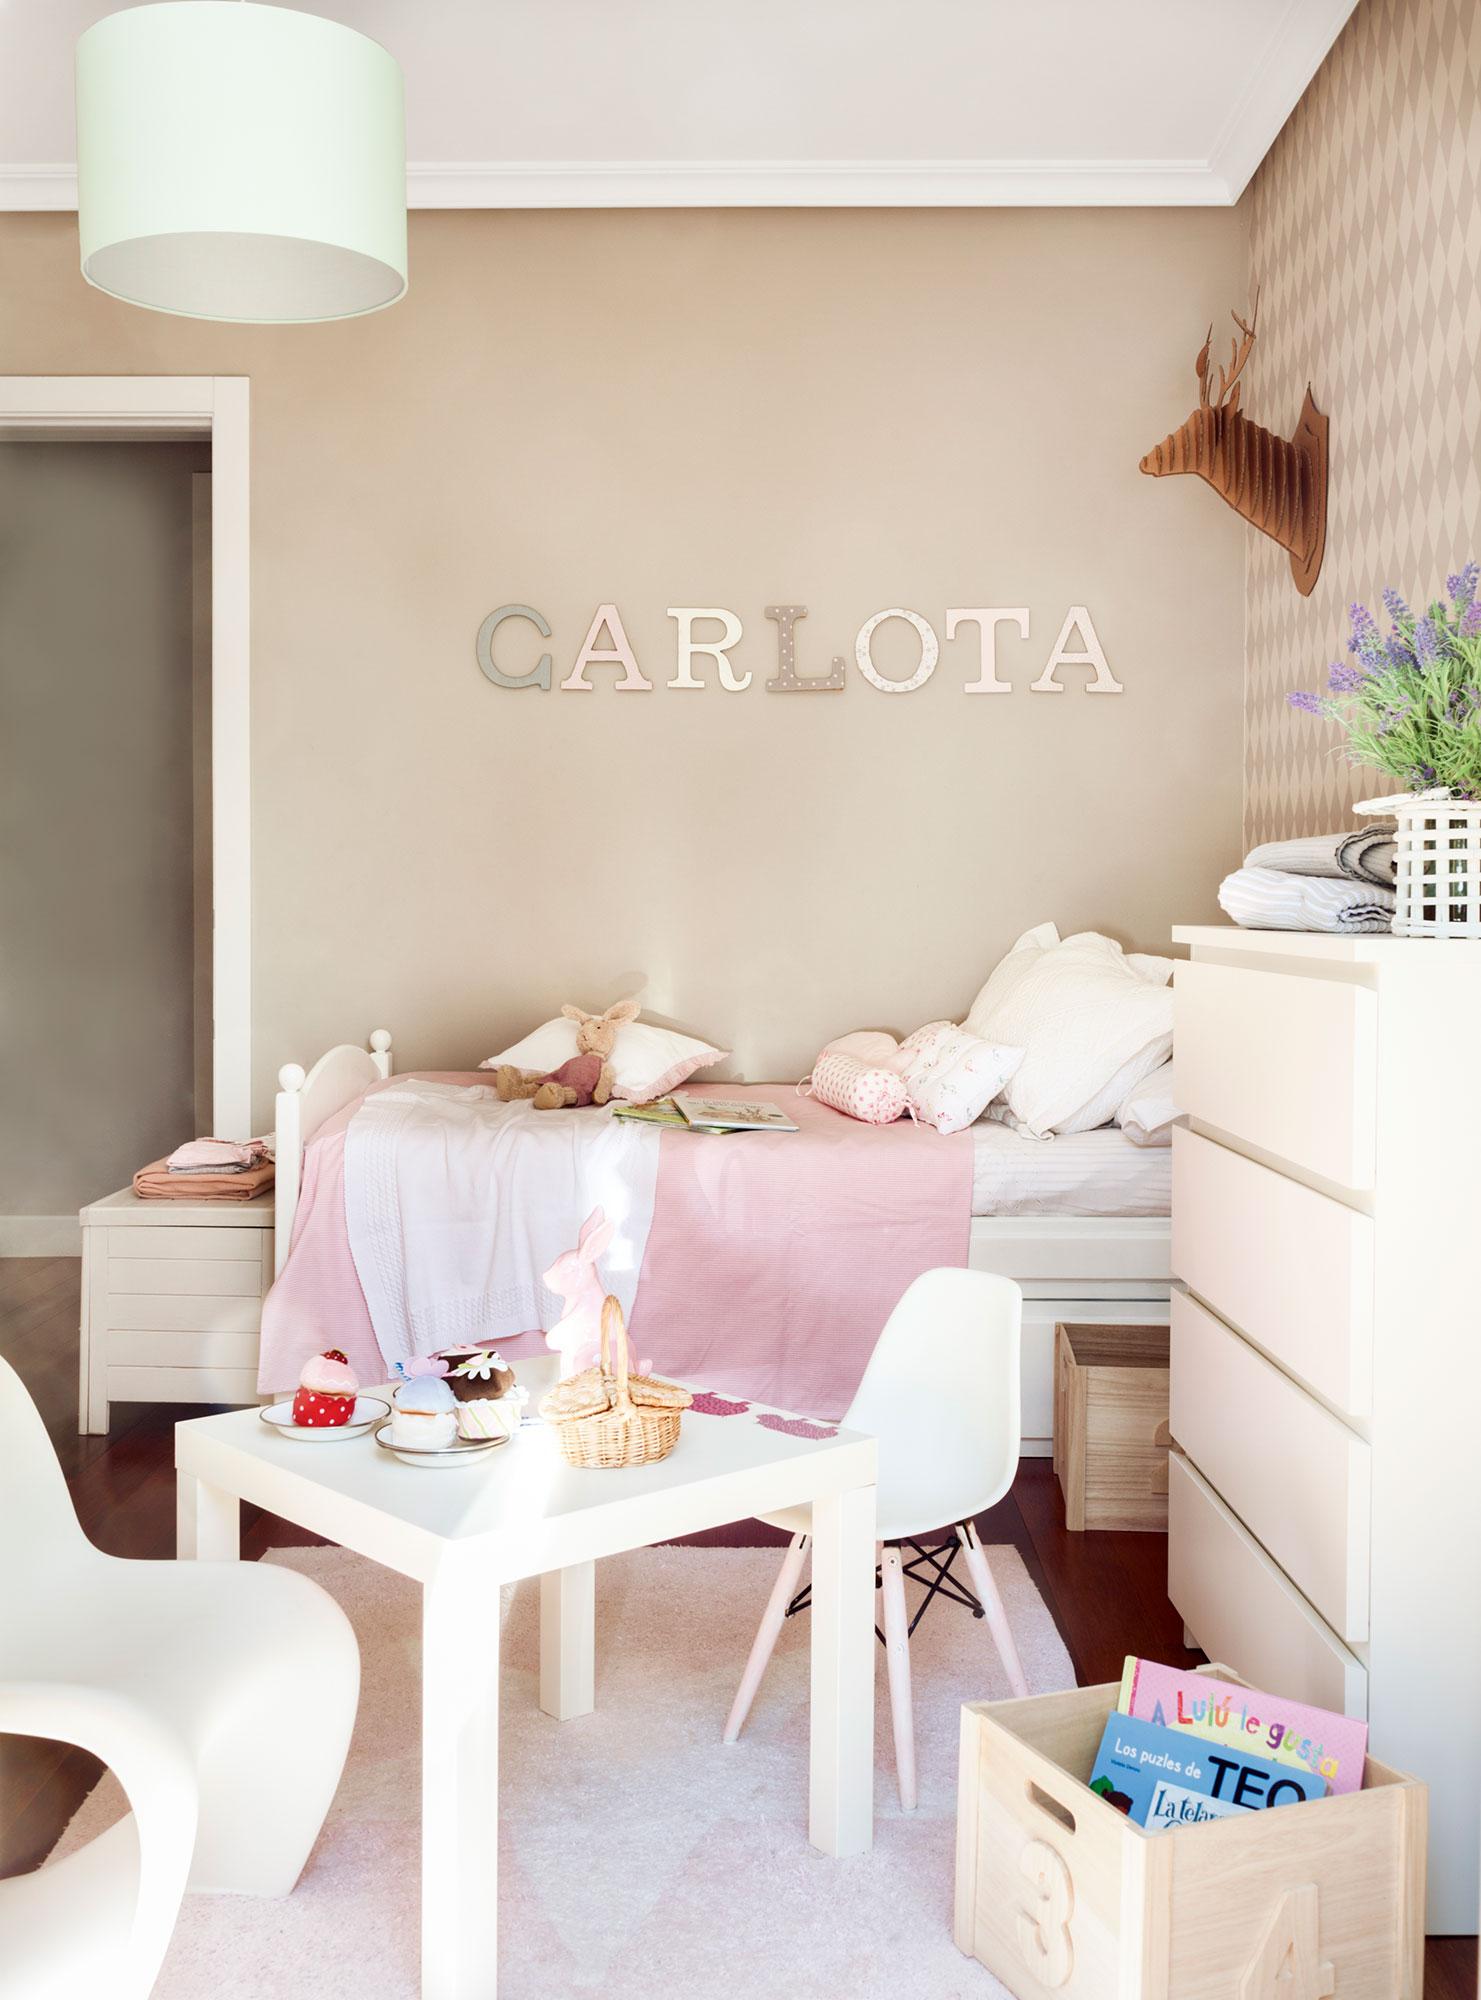 Decora las paredes de tu casa 15 ideas f ciles y de moda - Papel pintado letras para paredes ...